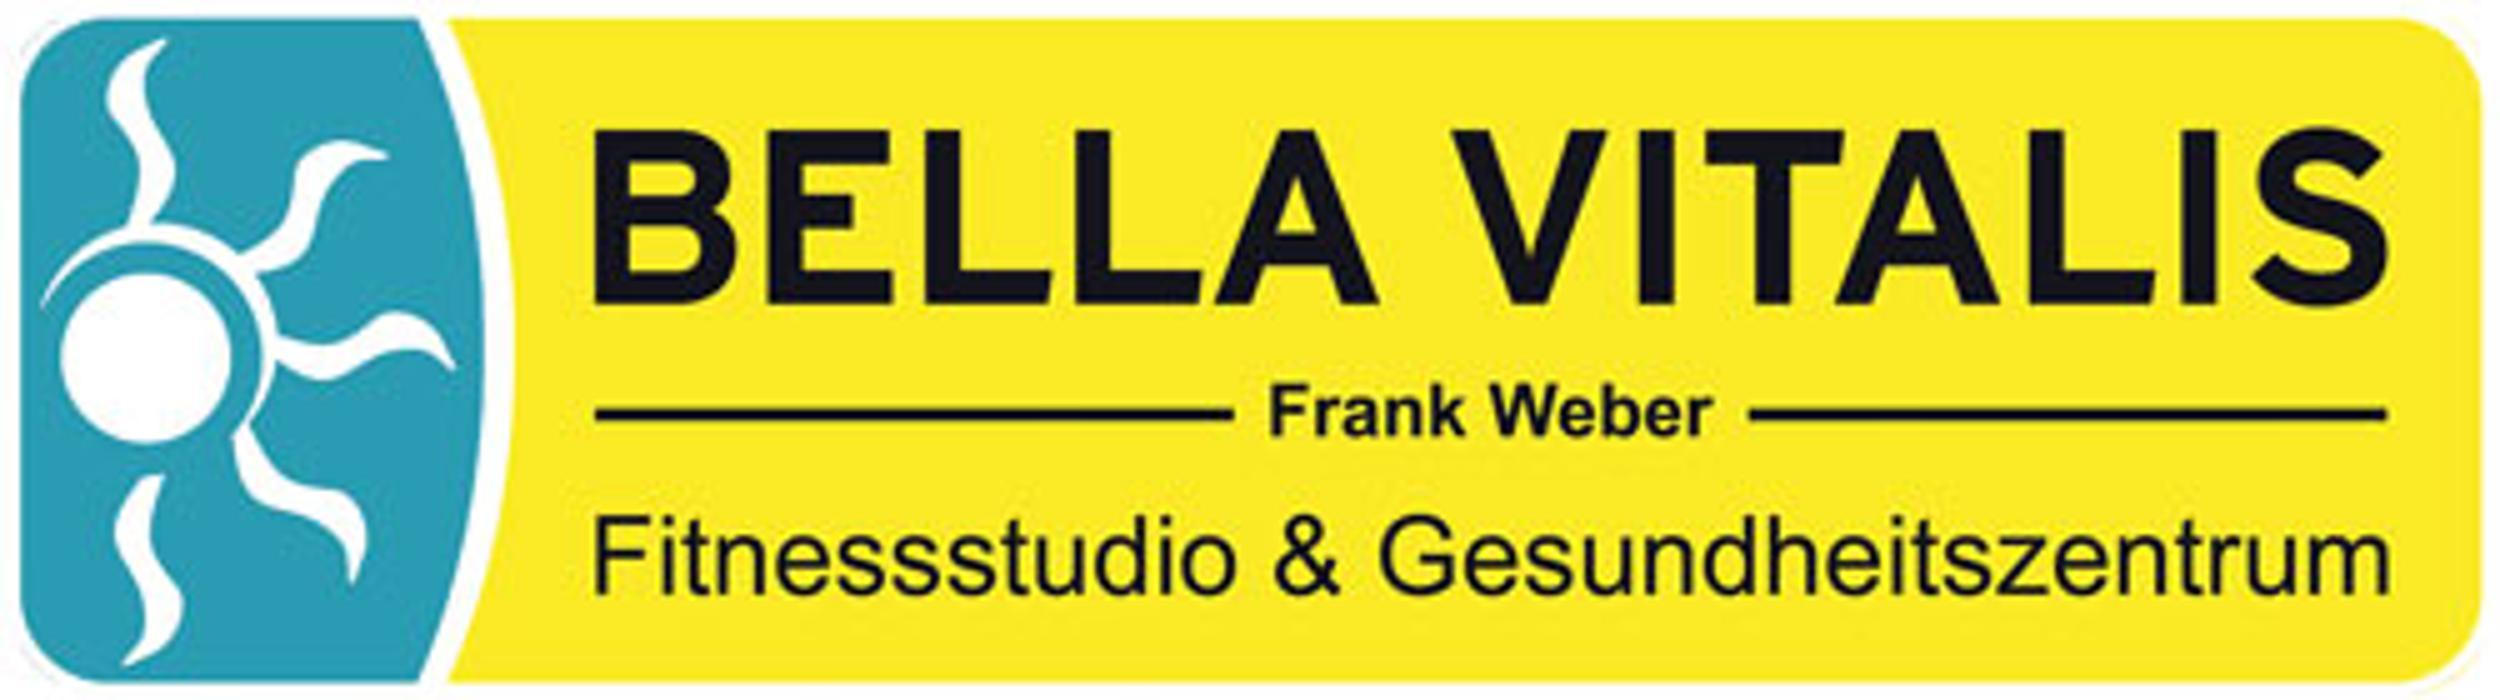 Bild zu Bella Vitalis Fitnessstudio & Gesundheitszentrum in Landau in der Pfalz